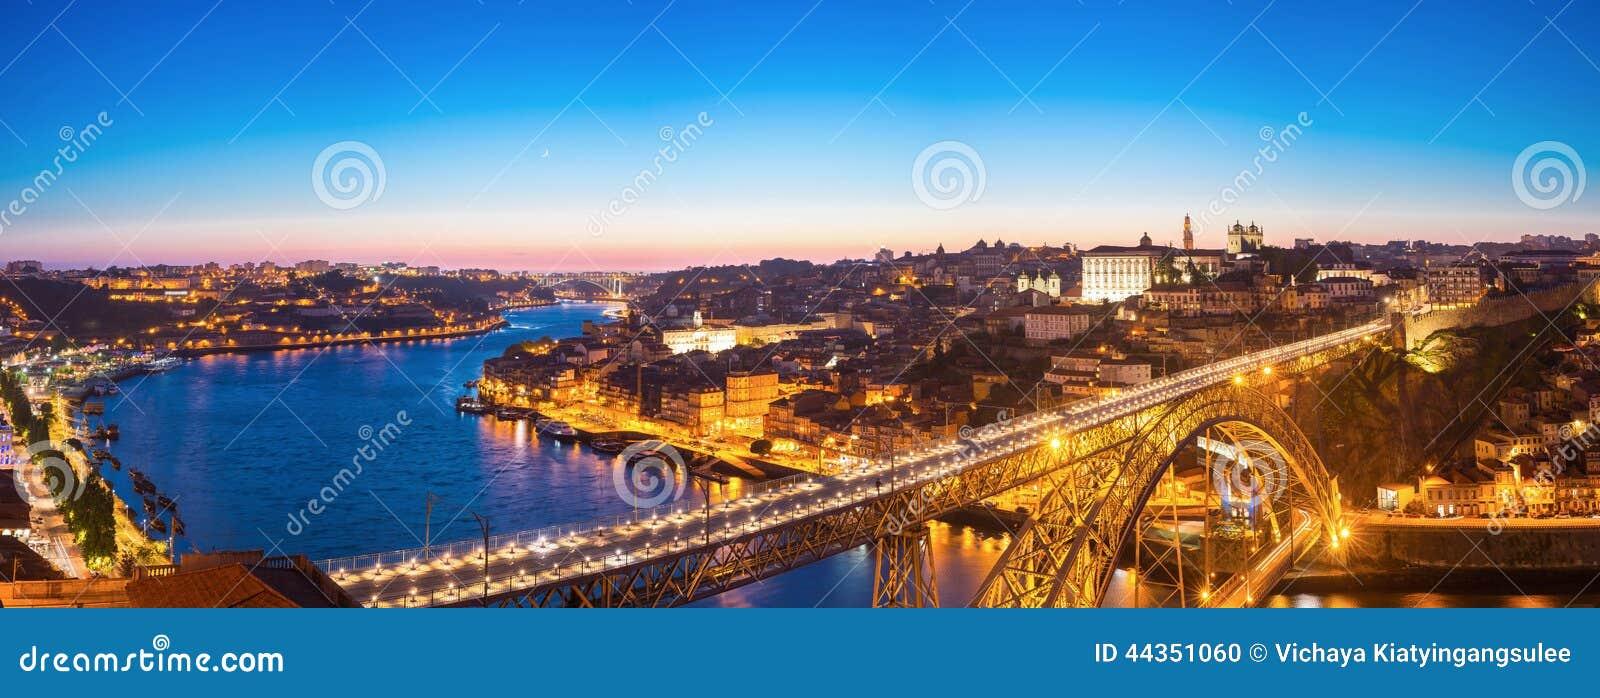 Panorama del puente de Dom Luiz